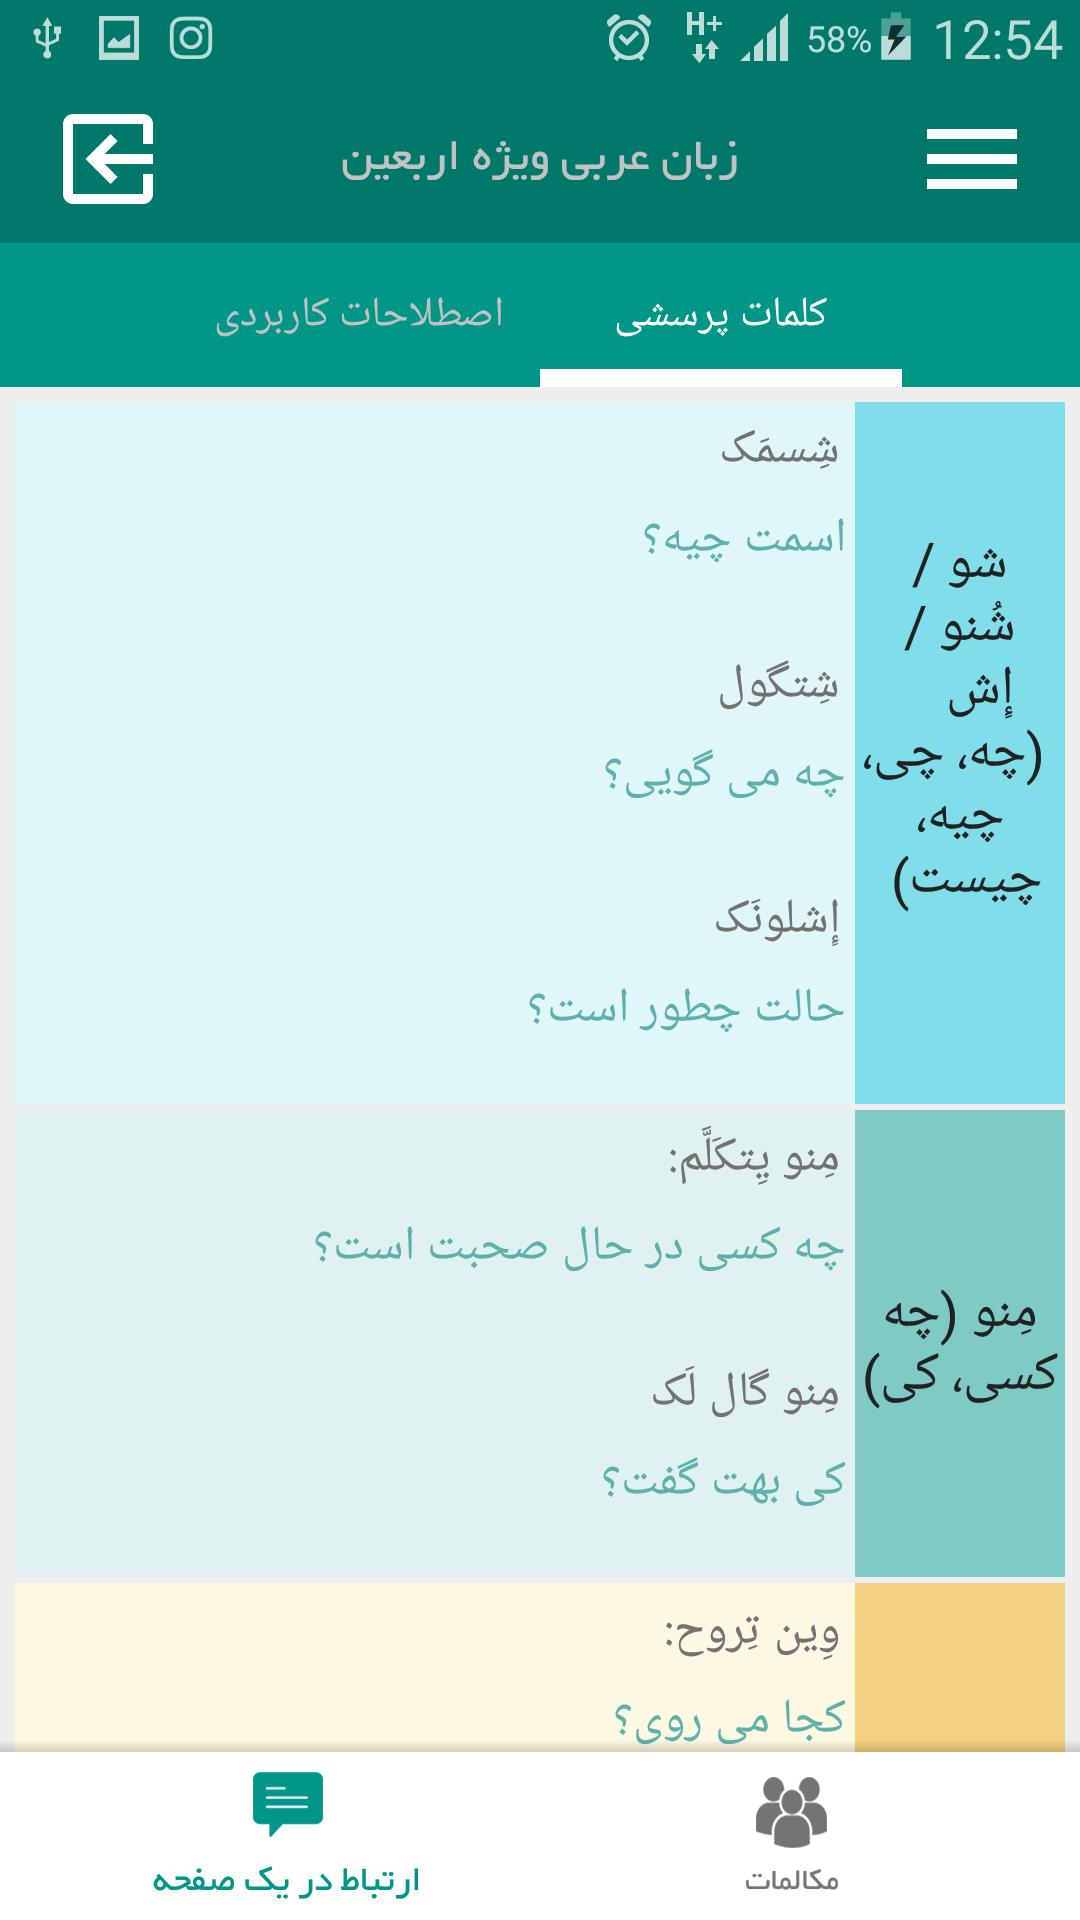 آموزش زبان عربی ویژه اربعین